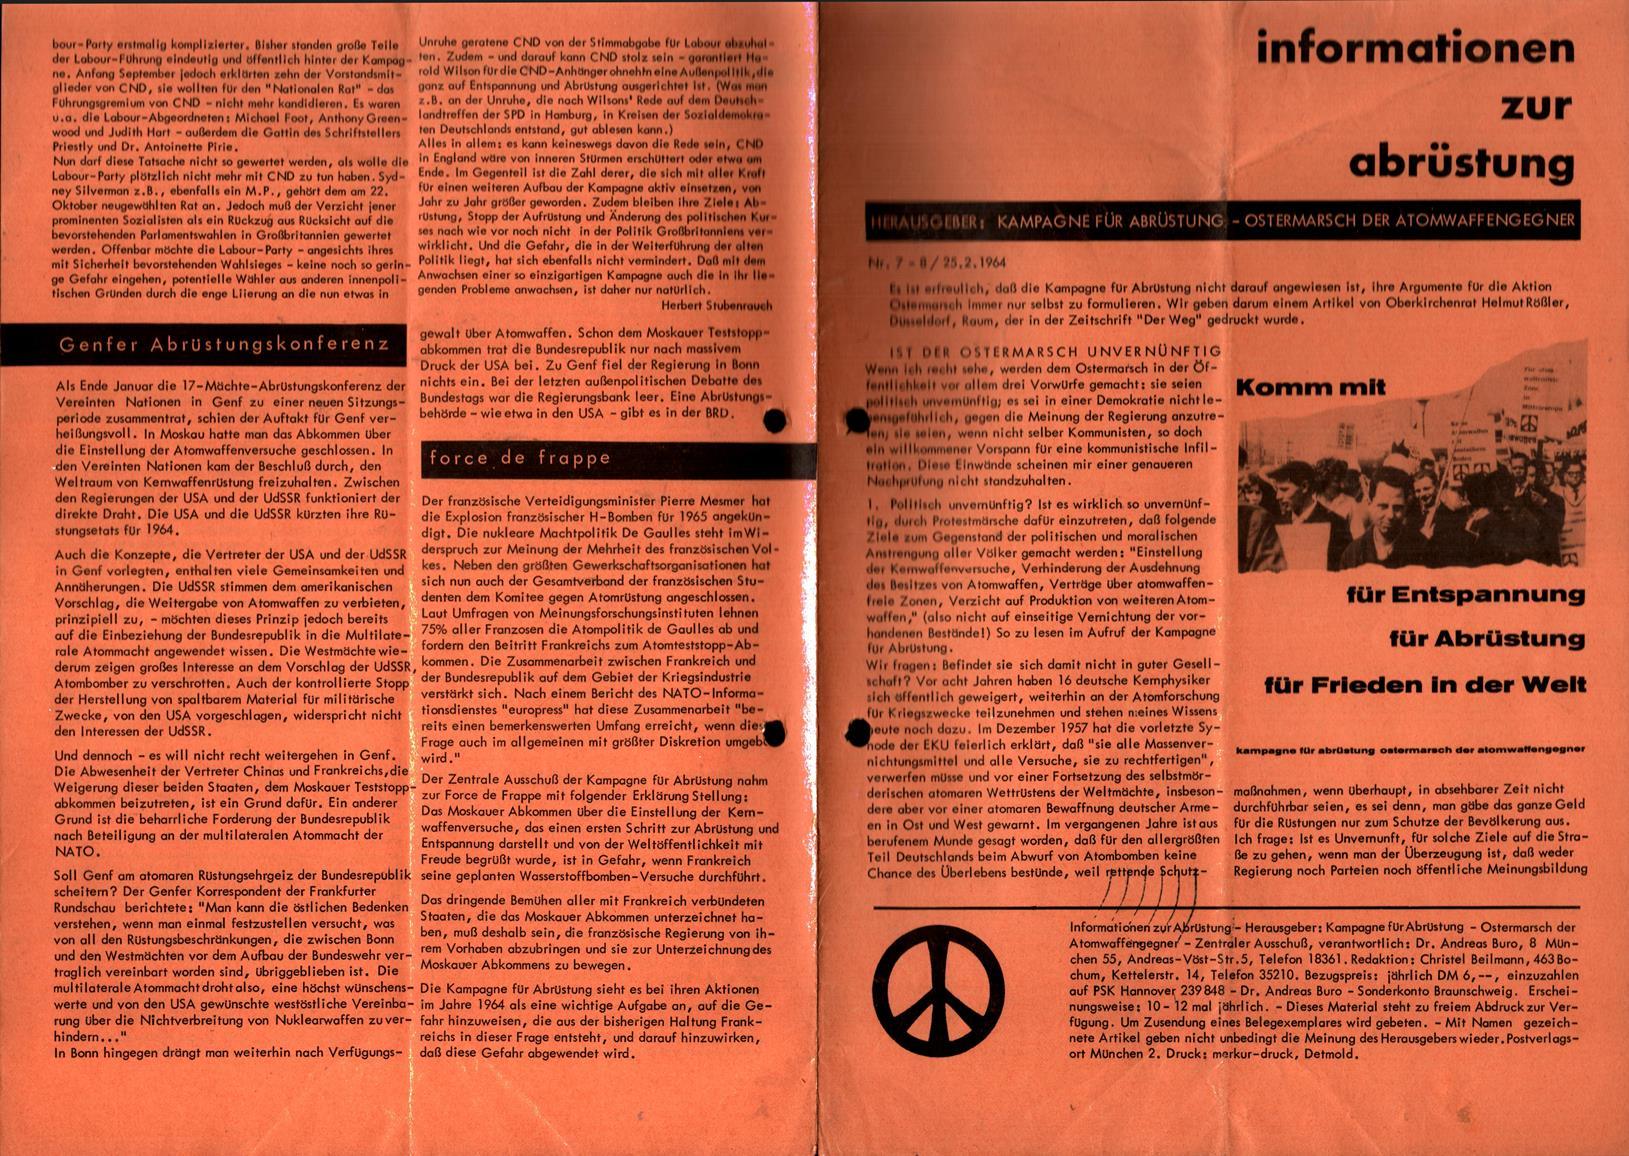 Infos_zur_Abruestung_1964_007_008_001